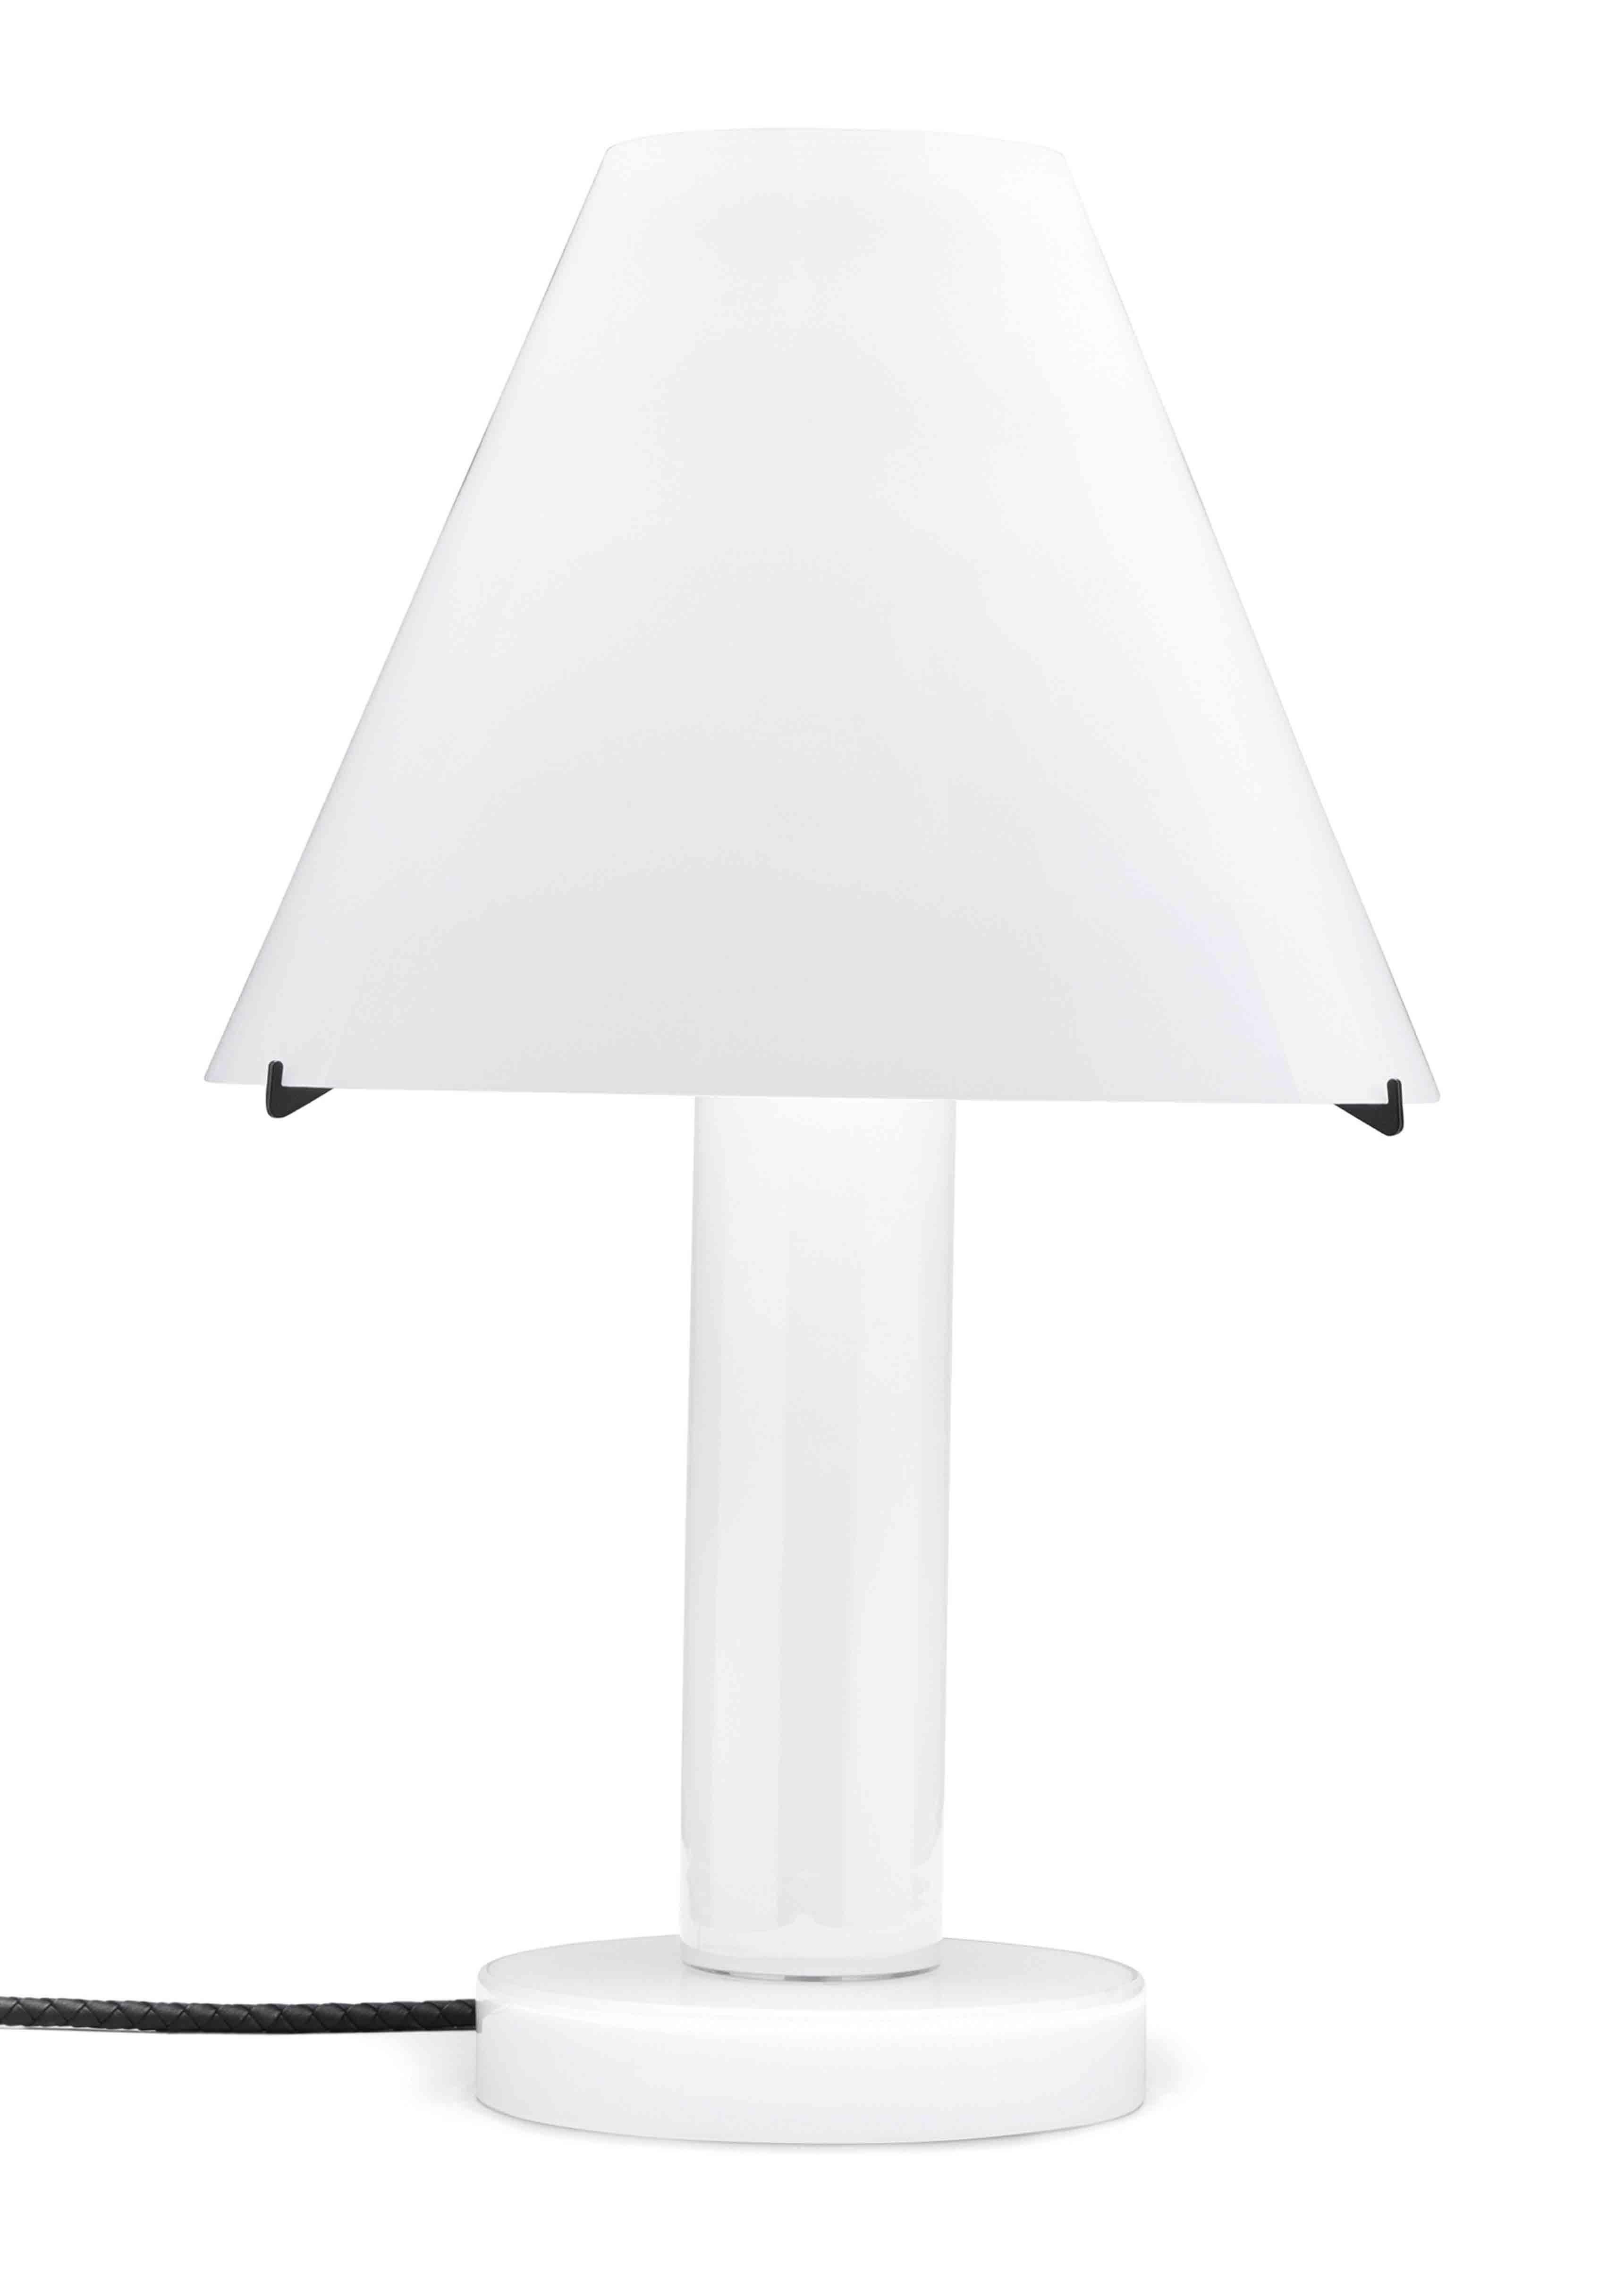 Lampe en verre de Murano laiteux issue de la nouvelle collection Maison de Bottega Veneta, à l'occasion du Salone del Mobile de Milan.